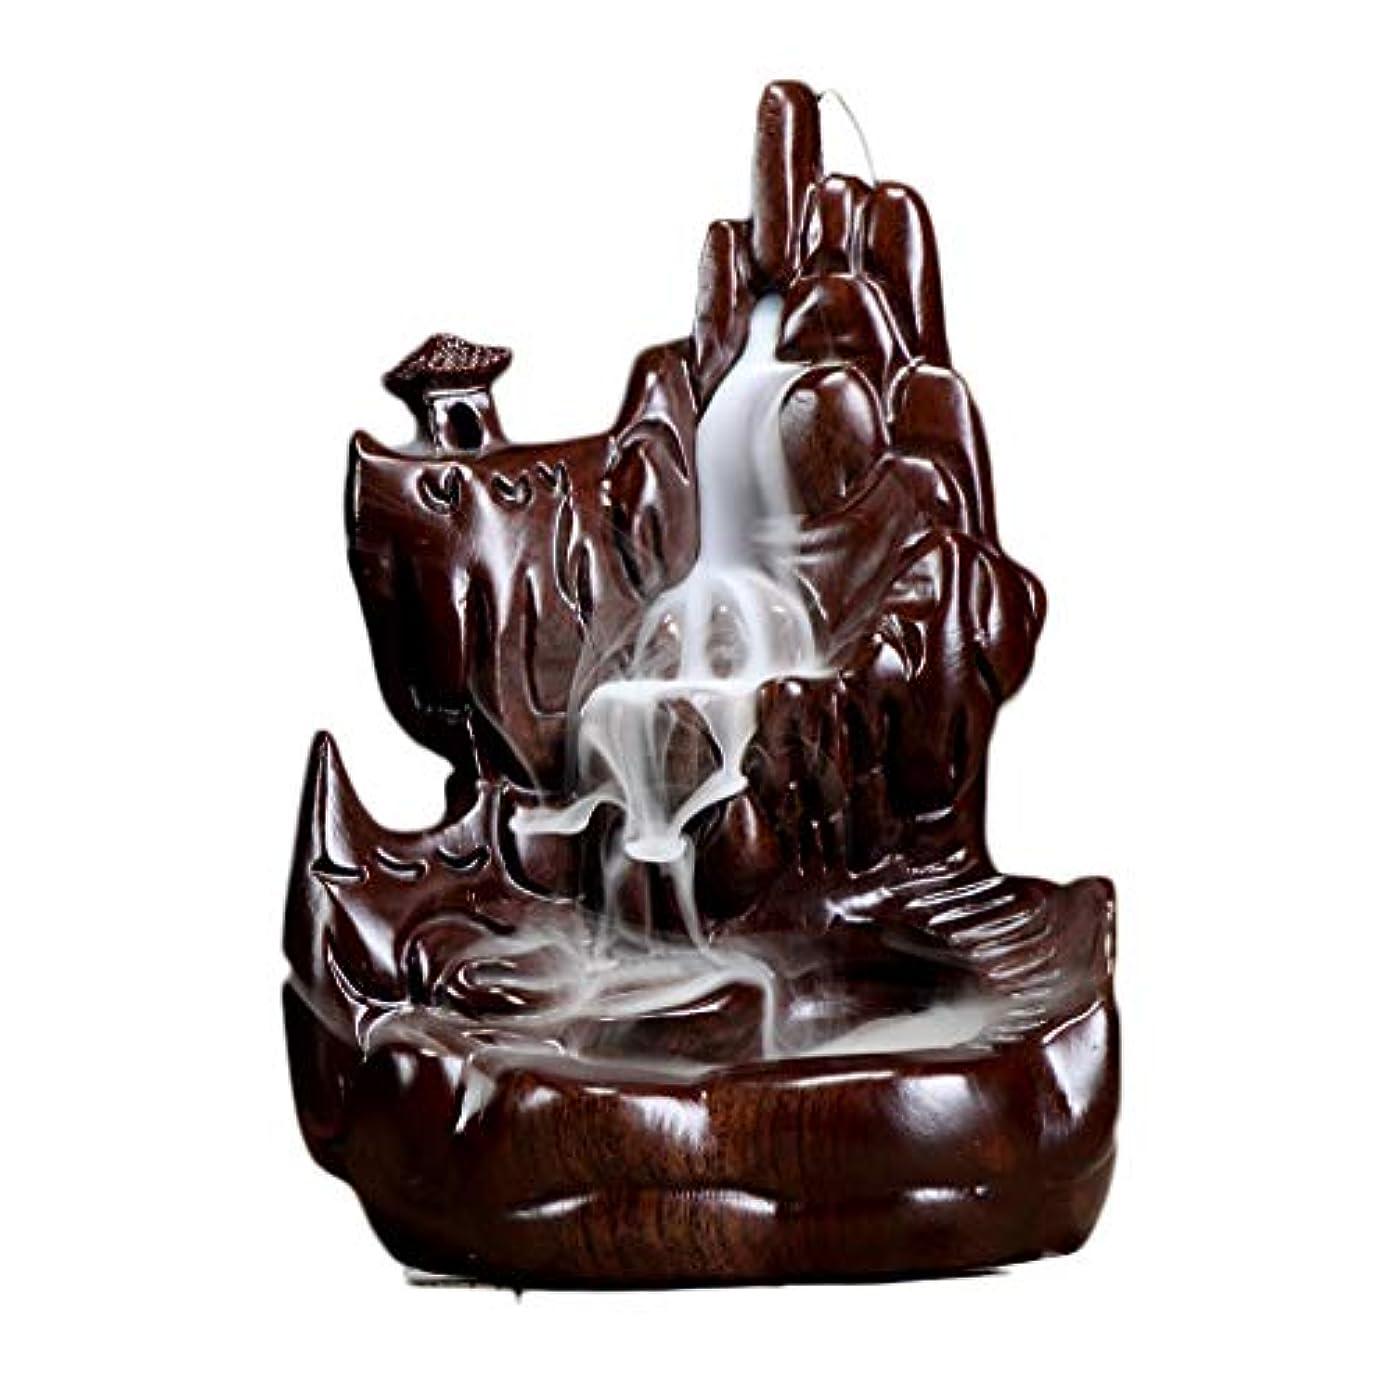 テクニカル巨大な地域芳香器?アロマバーナー 逆流の香り現代中国の香炉仏の部屋の香炉の黒檀の木材香の香炉アロマセラピー炉 アロマバーナー (Color : Black and ebony)